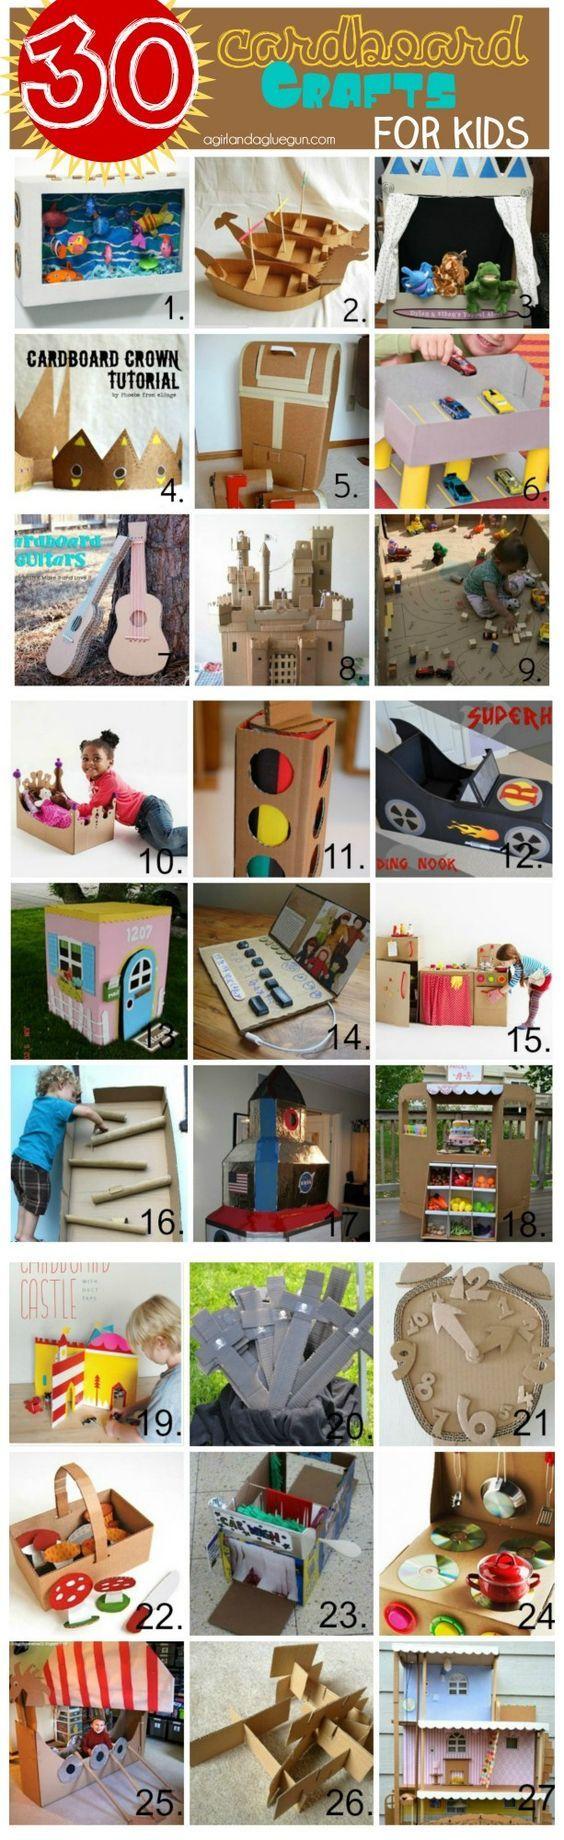 30 cardboard crafts for kids: